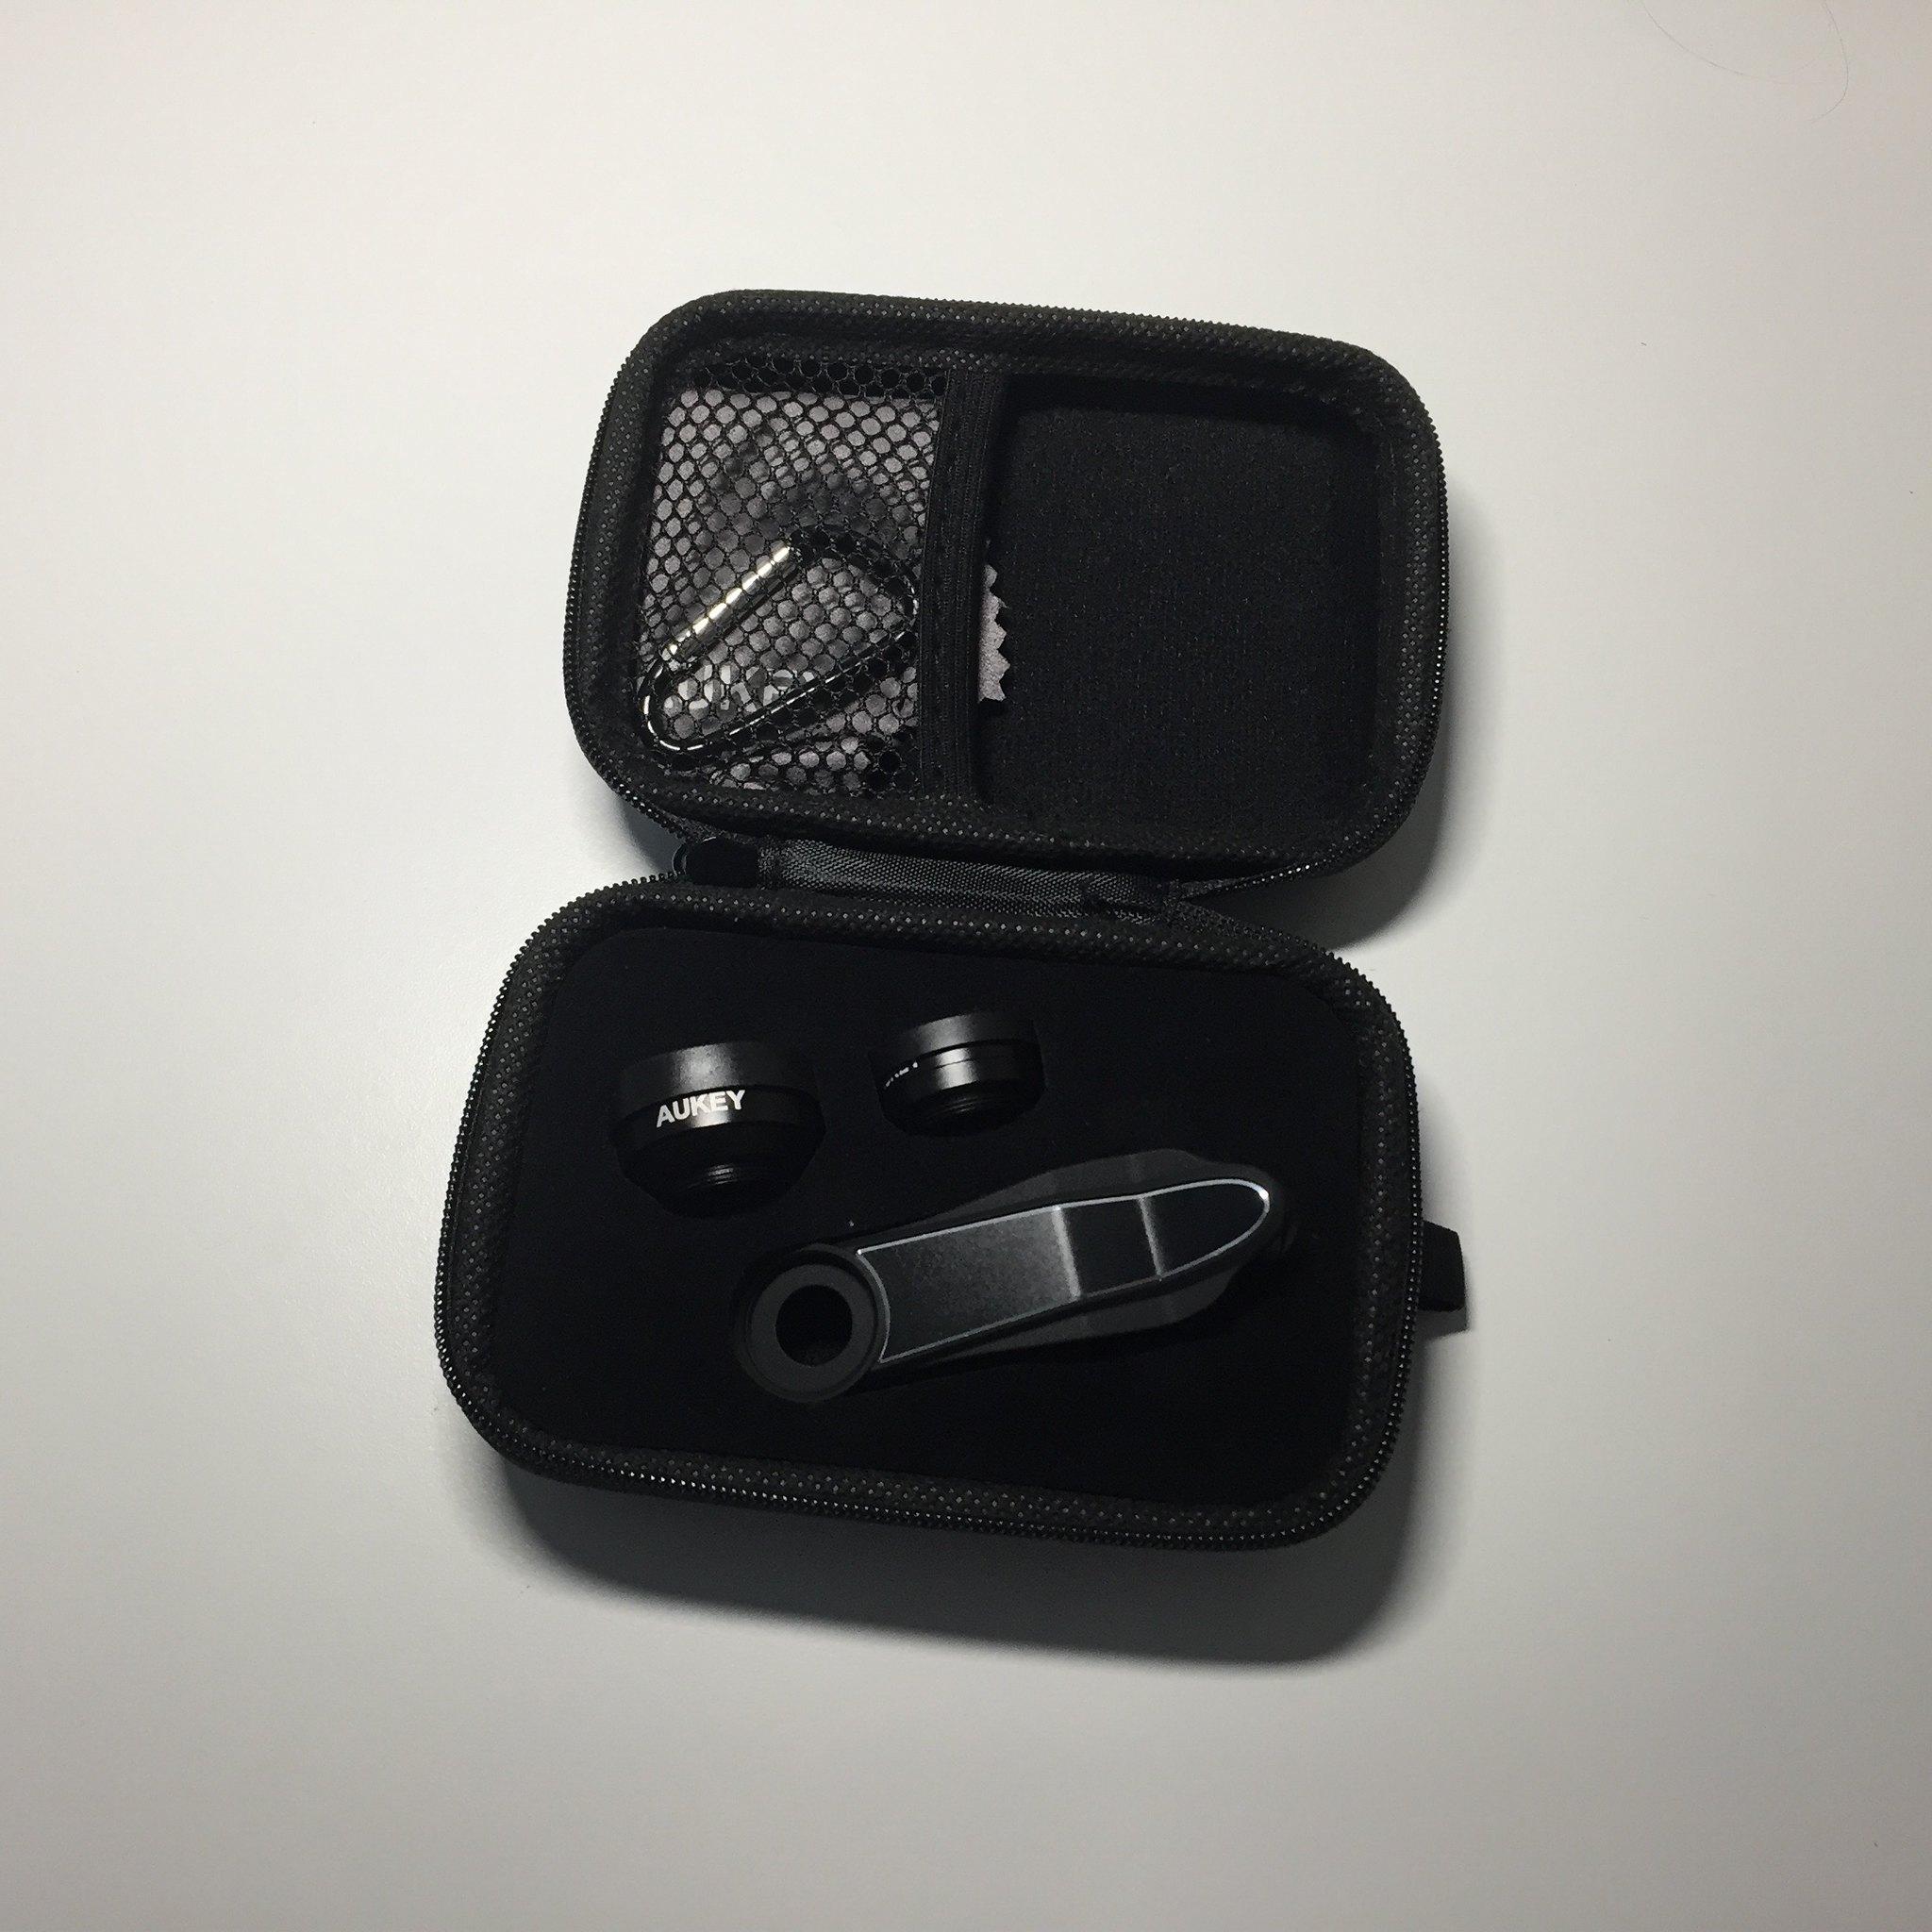 20170719 Test 3 lentilles AUKEY 4